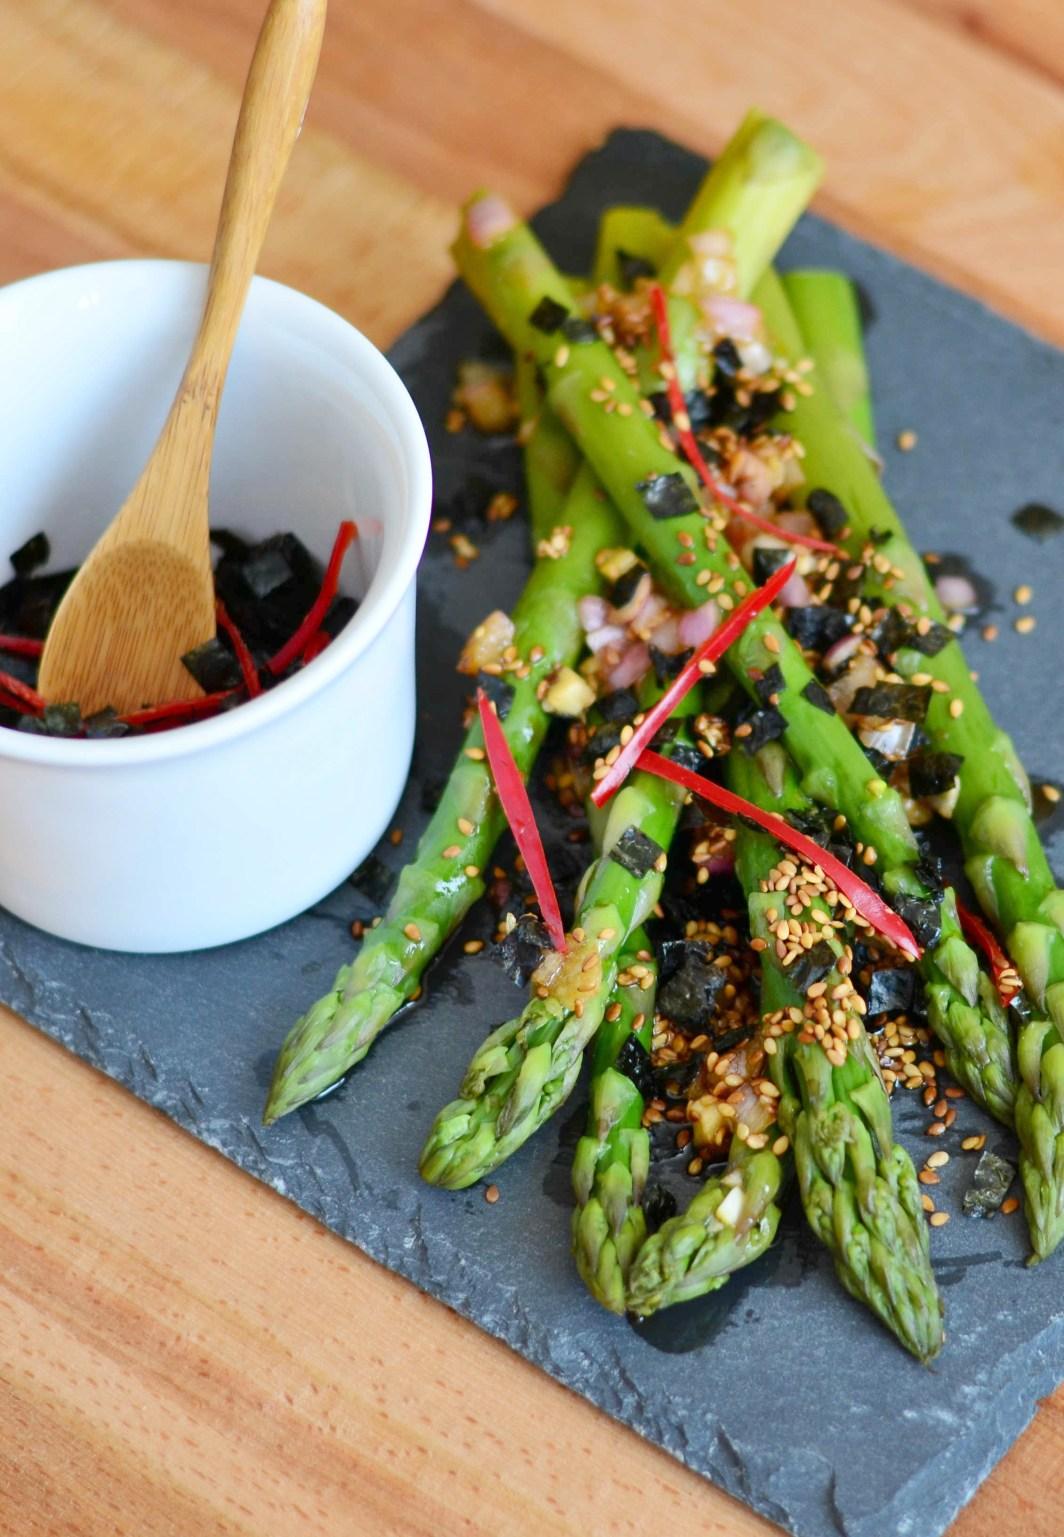 Asijský salát ze zeleného chřestu s řasou Nori, sezamem a chili